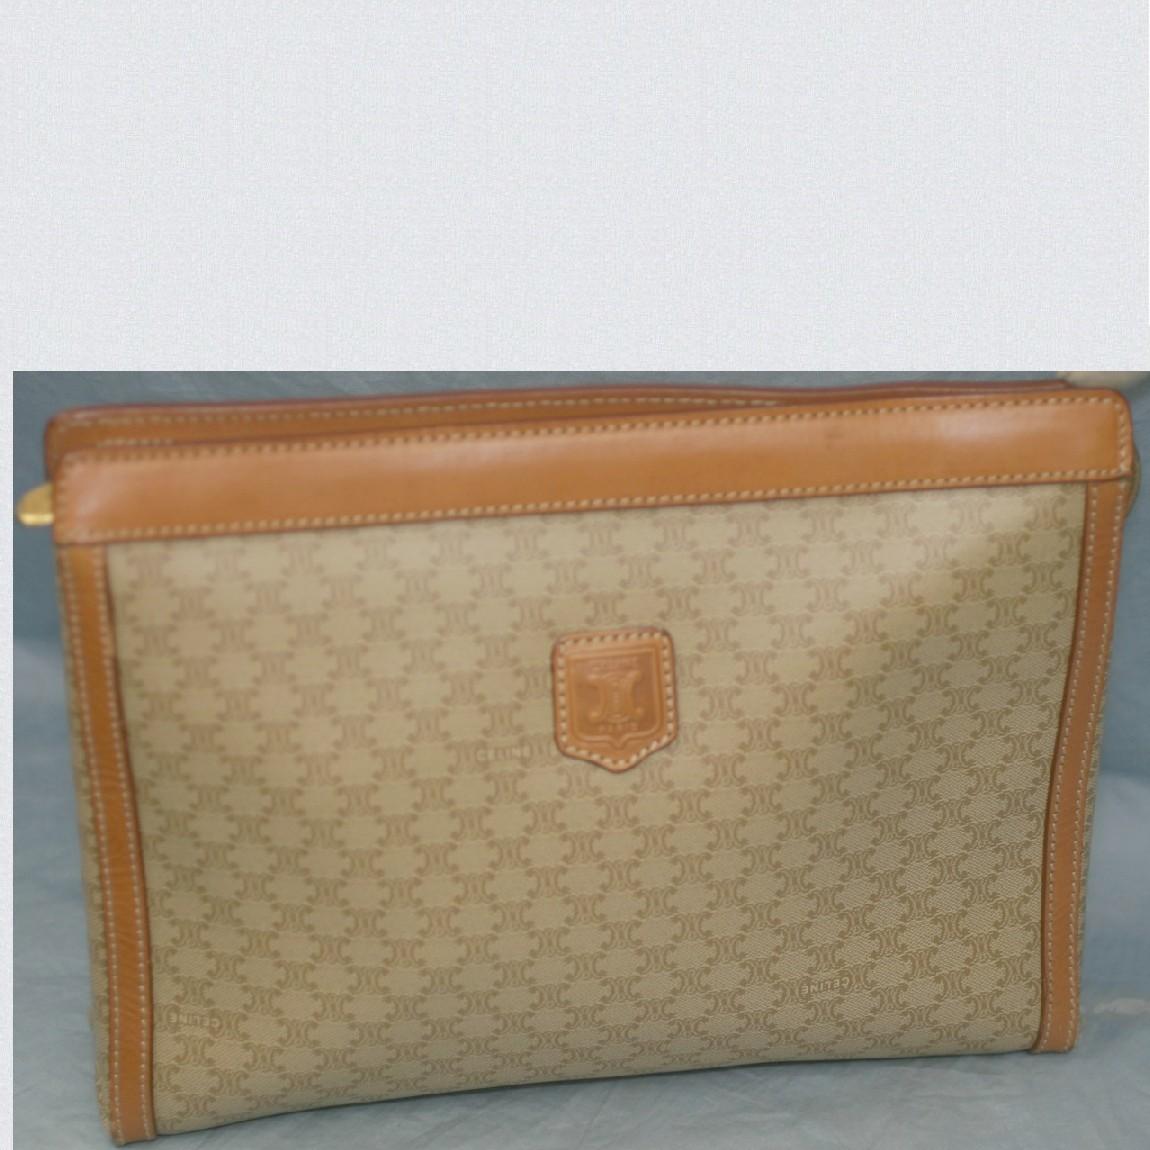 【中古】本物綺麗女性用セリーヌロゴベージュx茶革28cmセカンドバッグ